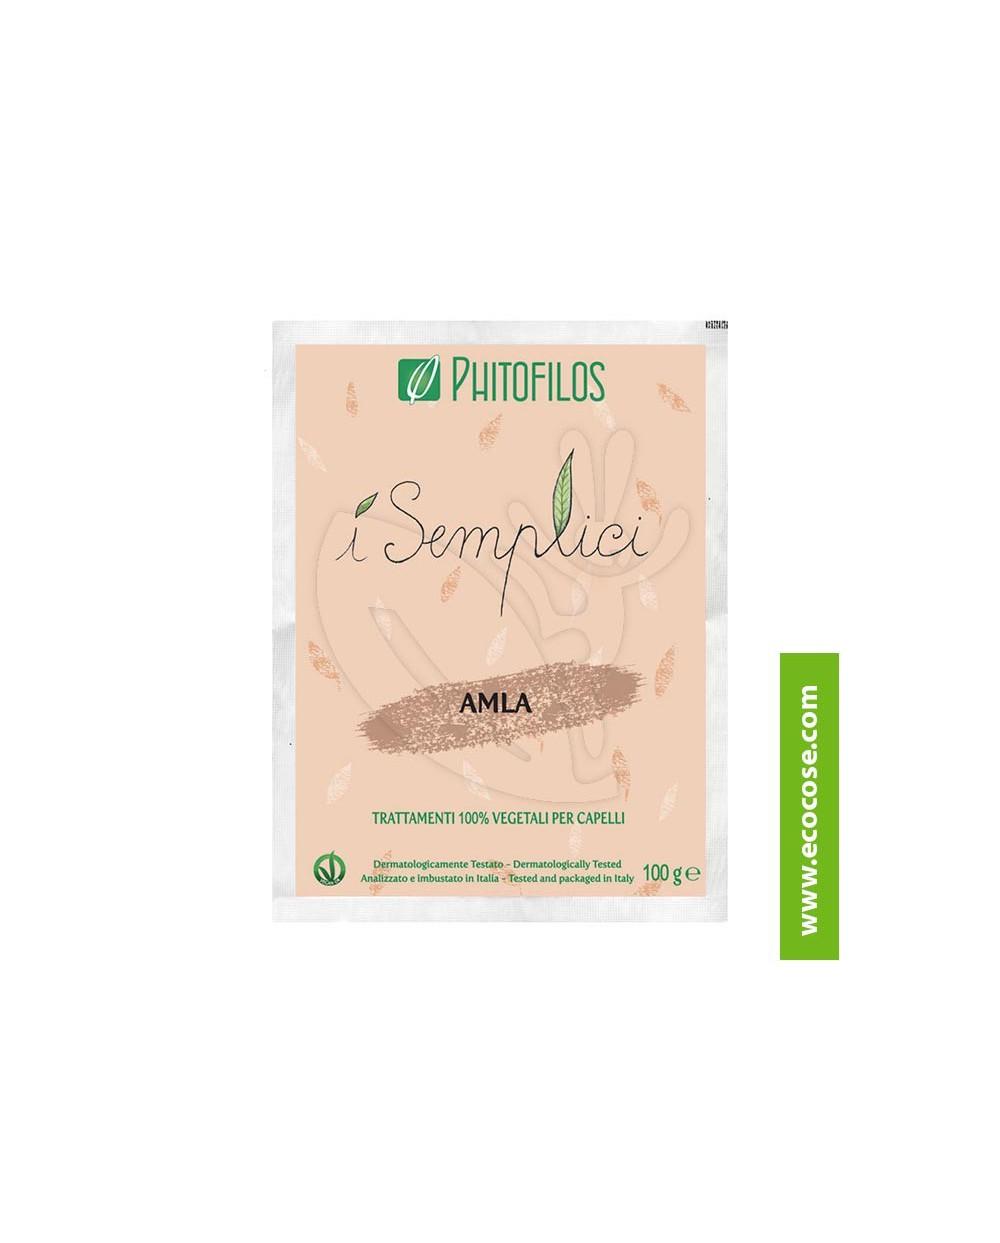 Phitofilos - I semplici - Amla